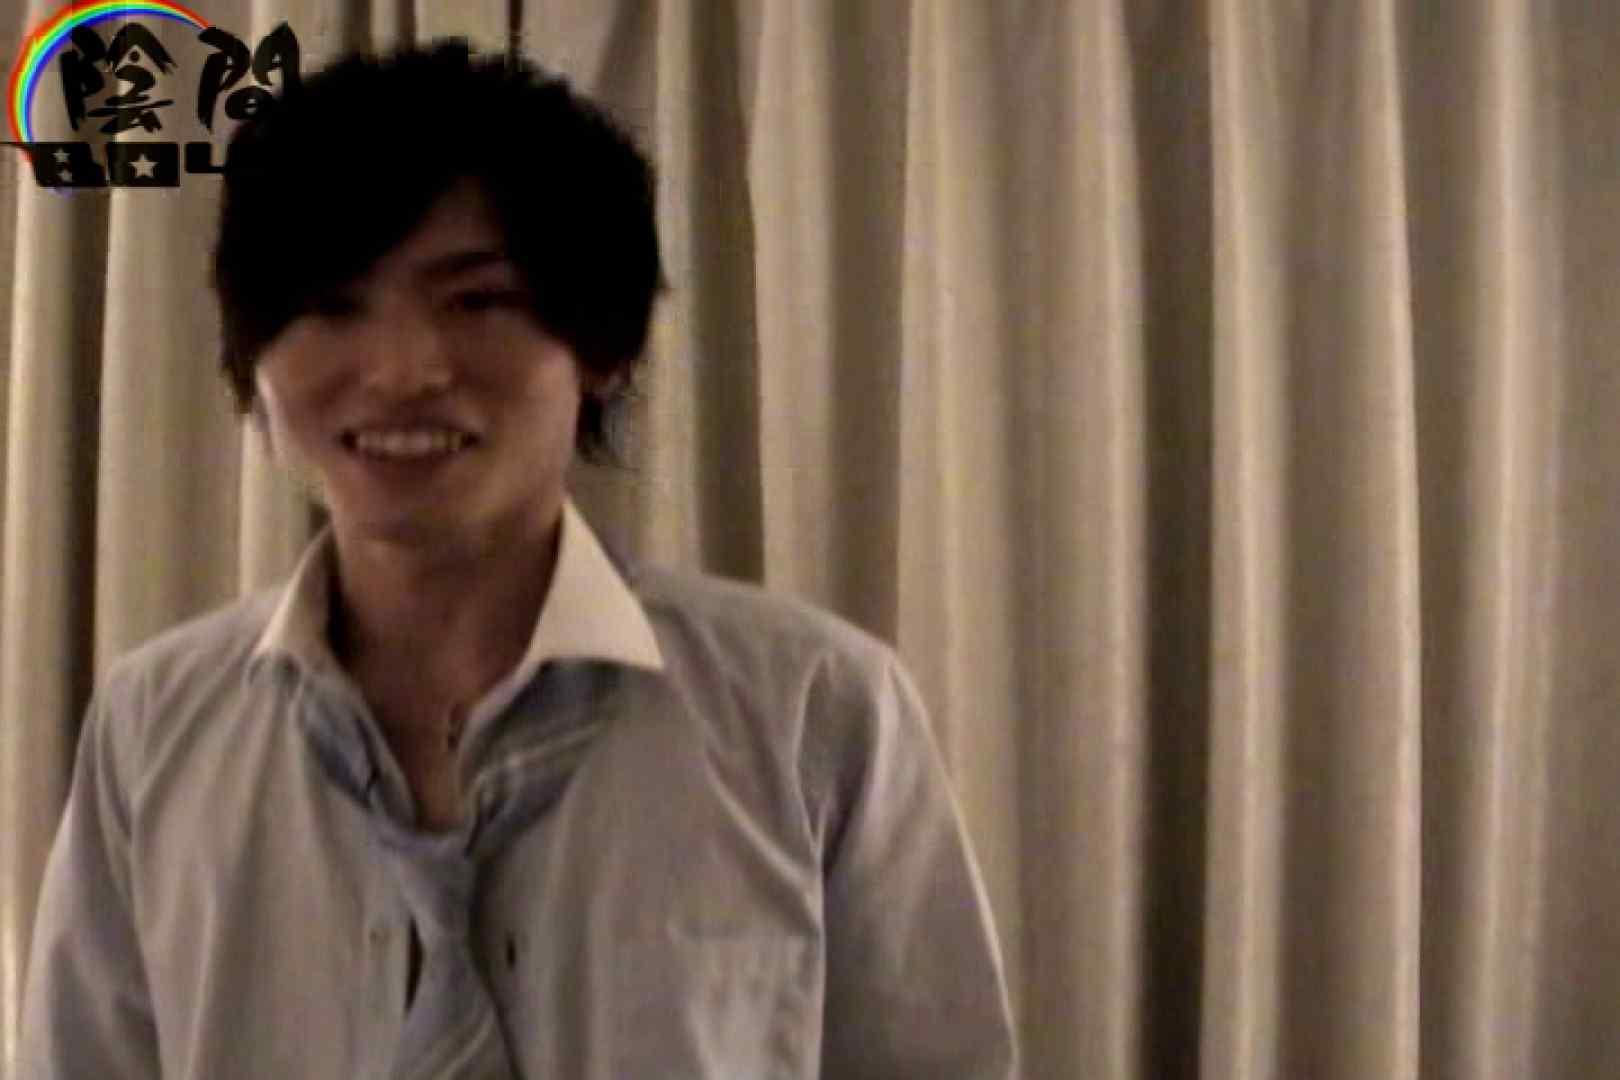 陰間BOYS~IKEMEN Interview~01  アナル  74pic 18